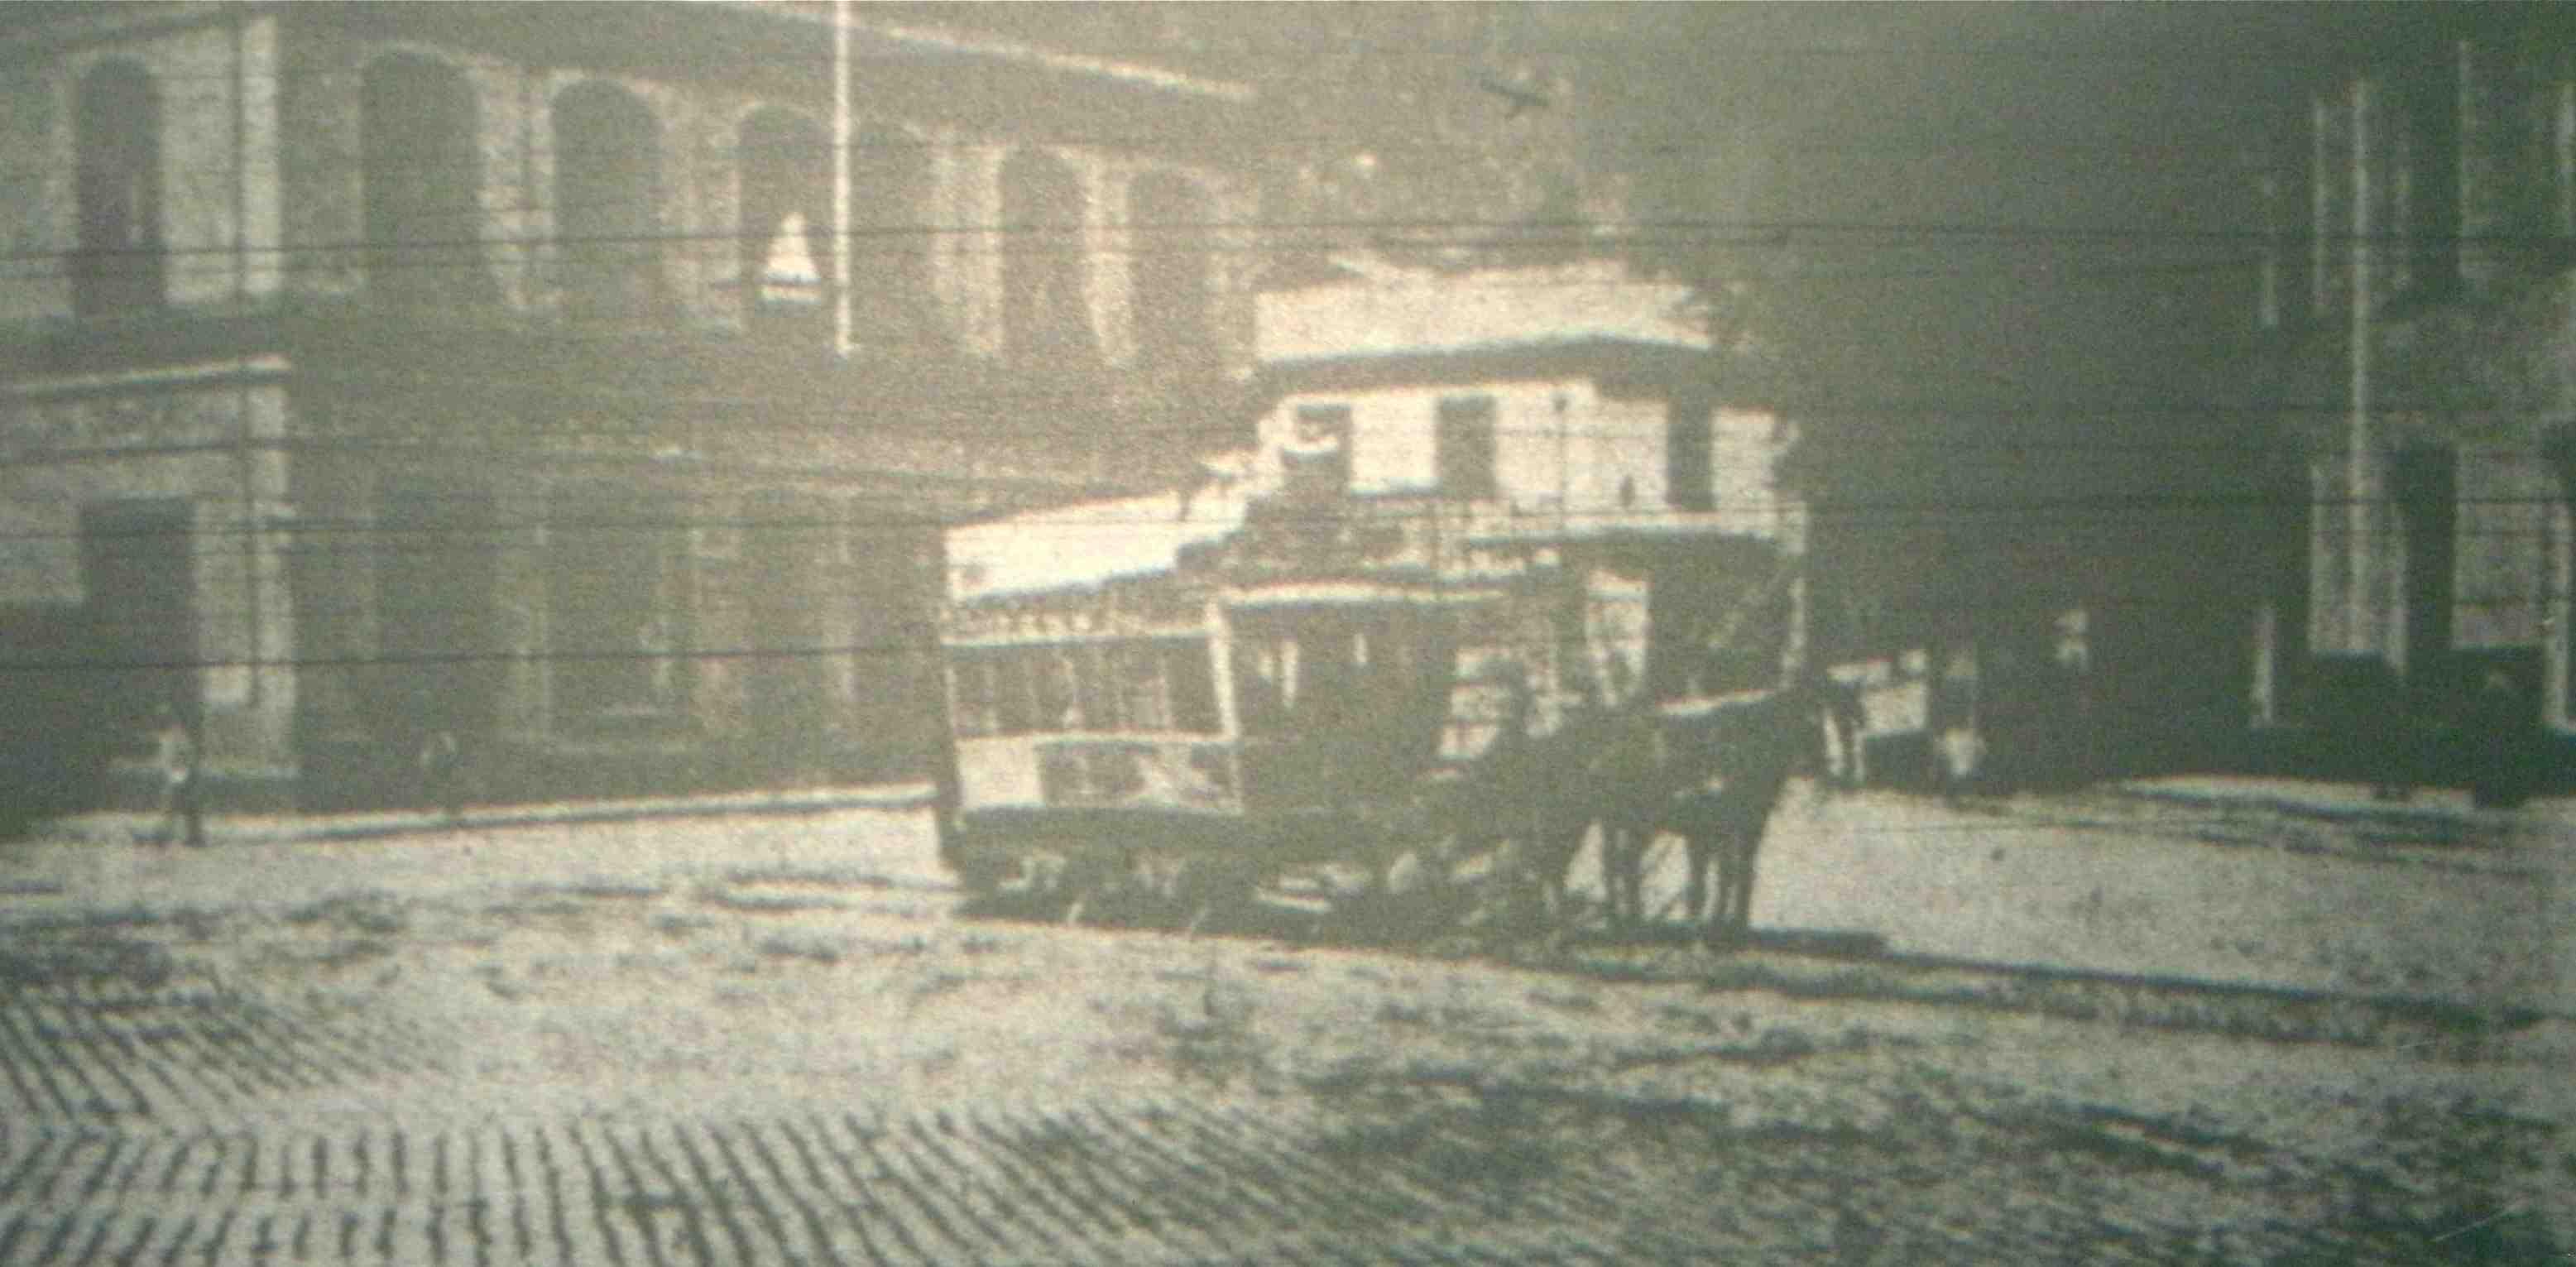 1903-01-16_Sucesos,Valpo; Playa Ancha y PicNic Cine (4extra_foto_tortuga)_15032013.jpg